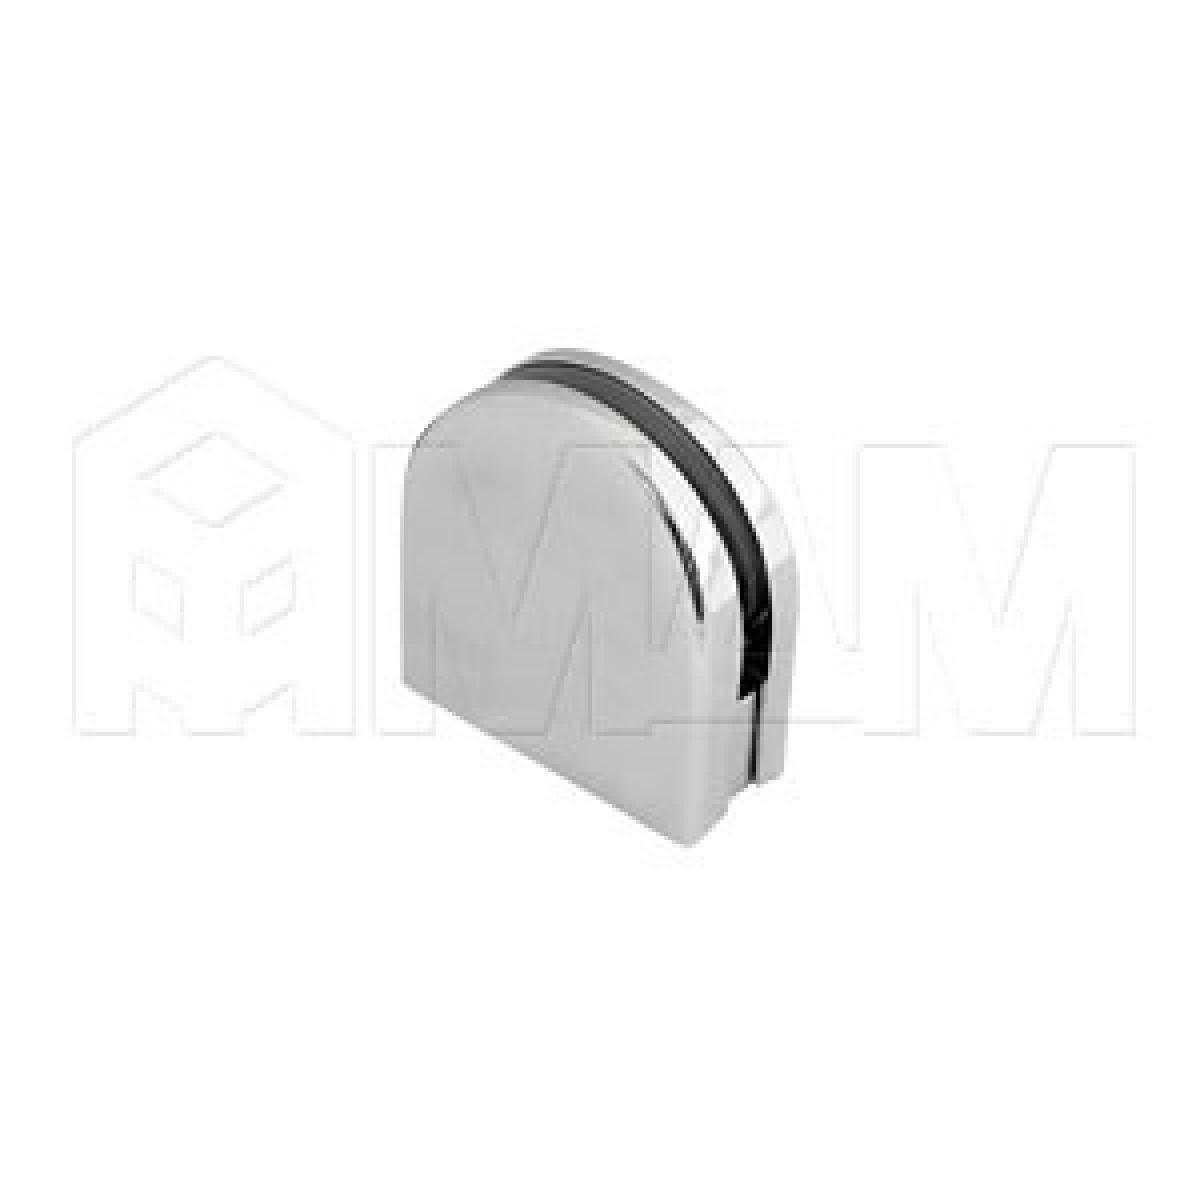 Коннекторы - Коннектор труба-стекло 4-8 мм, хром